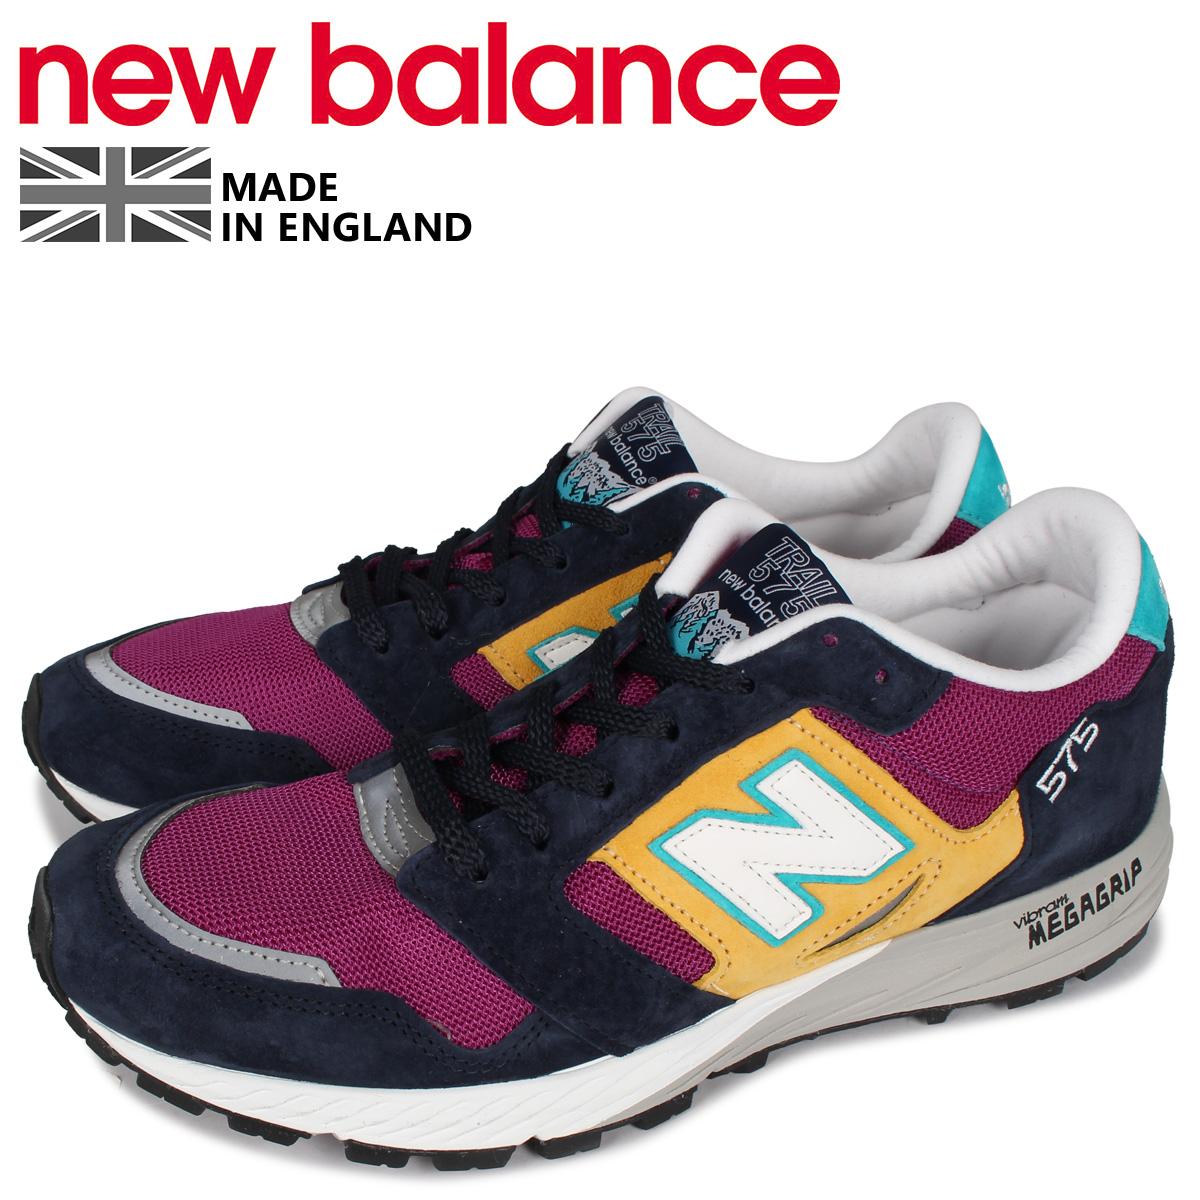 new balance ニューバランス 575 スニーカー メンズ Dワイズ MADE IN UK パープル MTL575LP